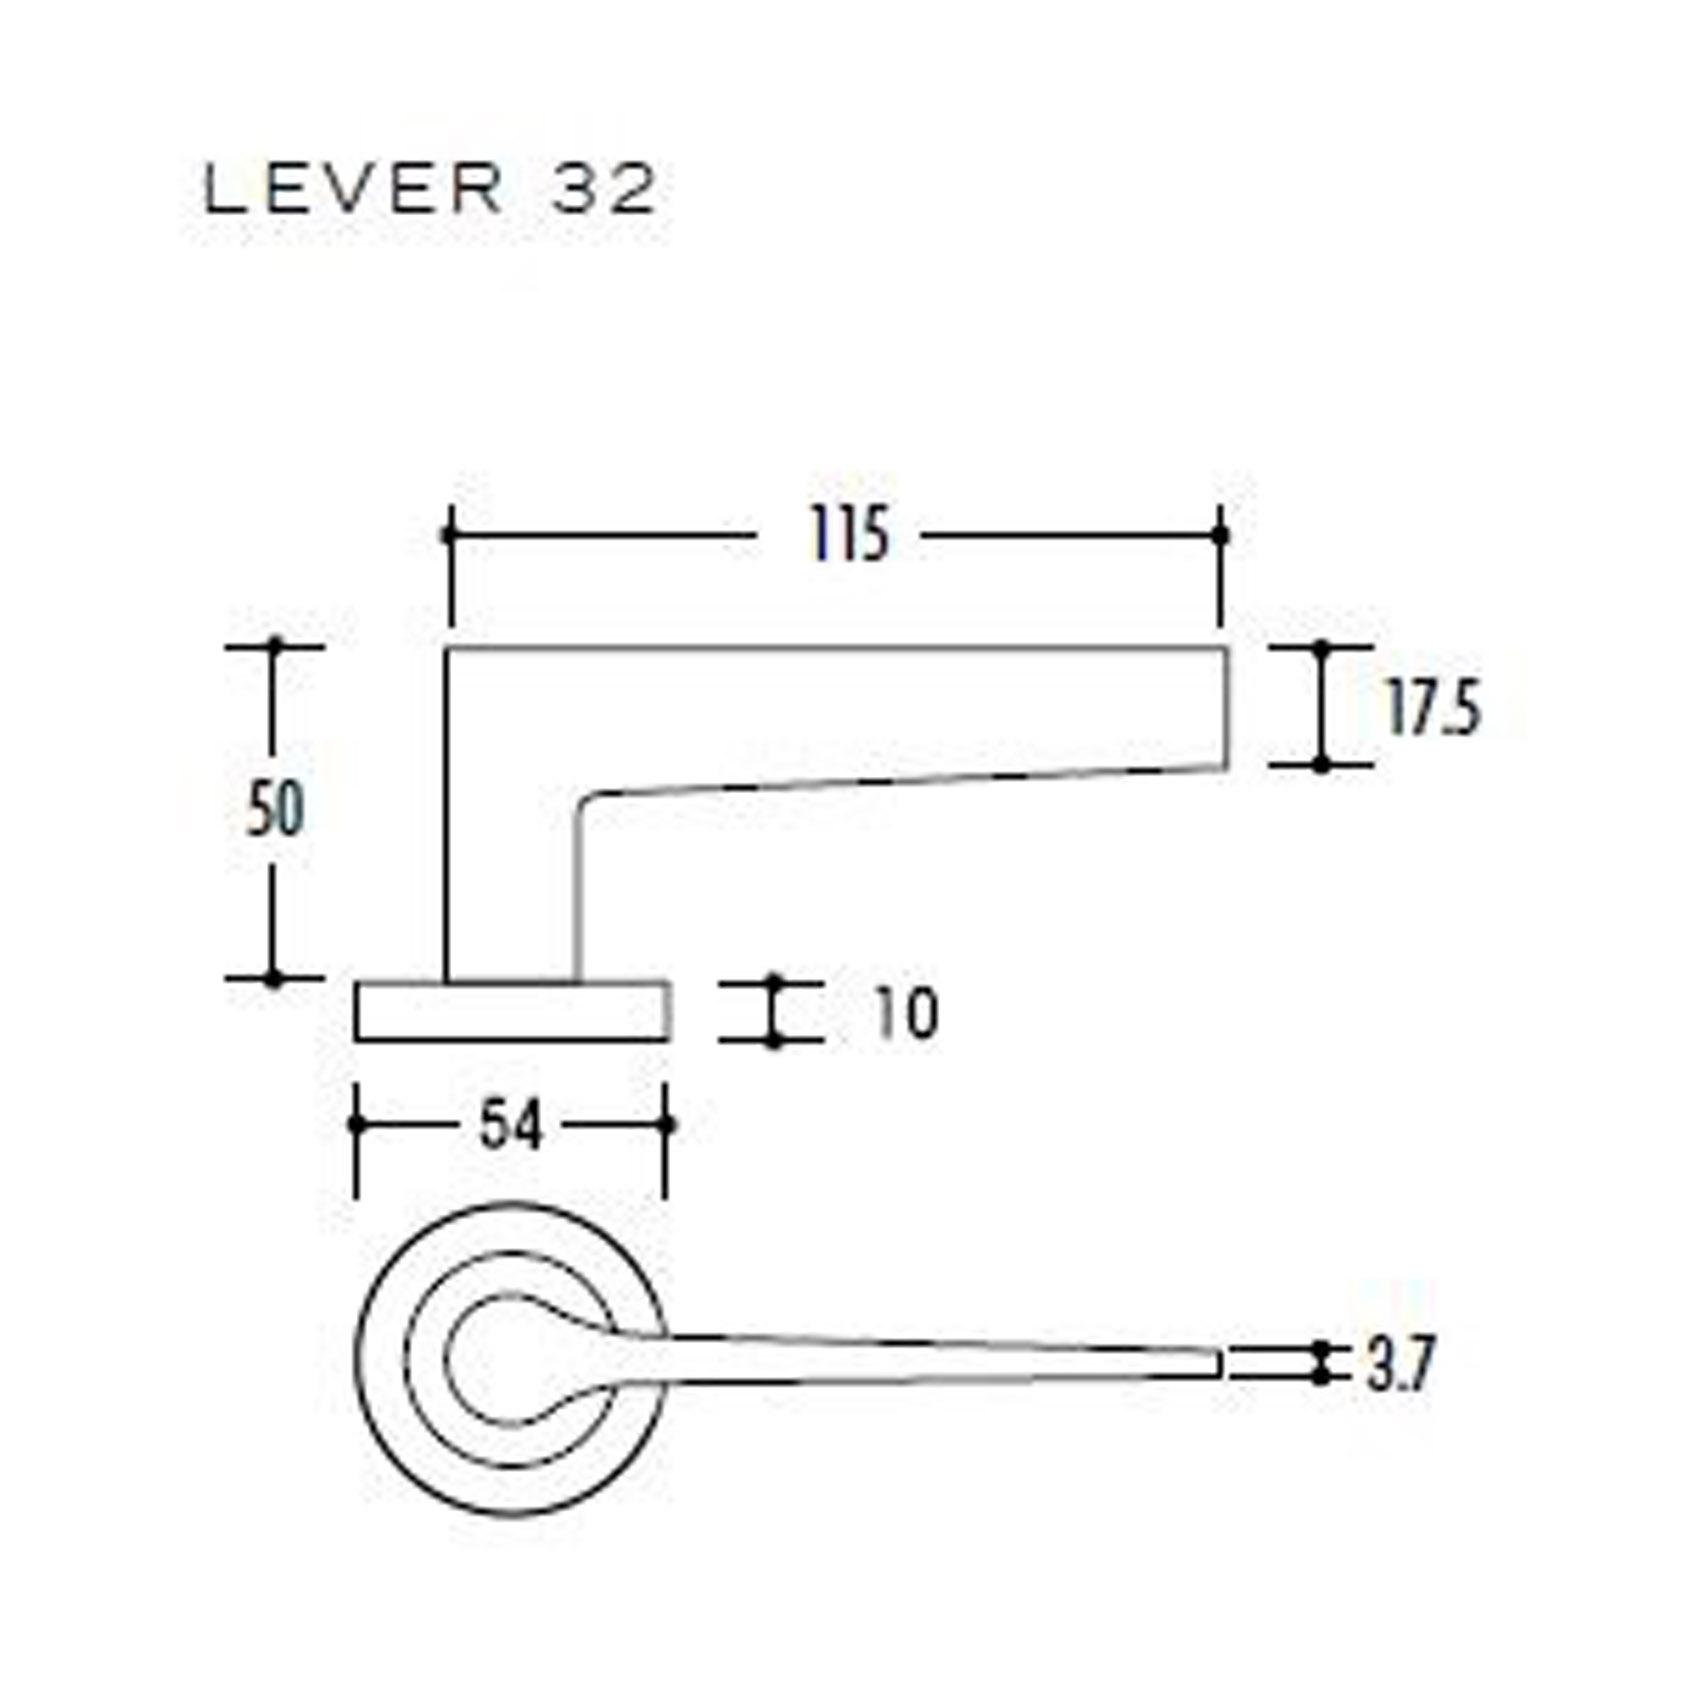 STAINLESS STEEL 304 CASTING DOOR LEVER HANDLE